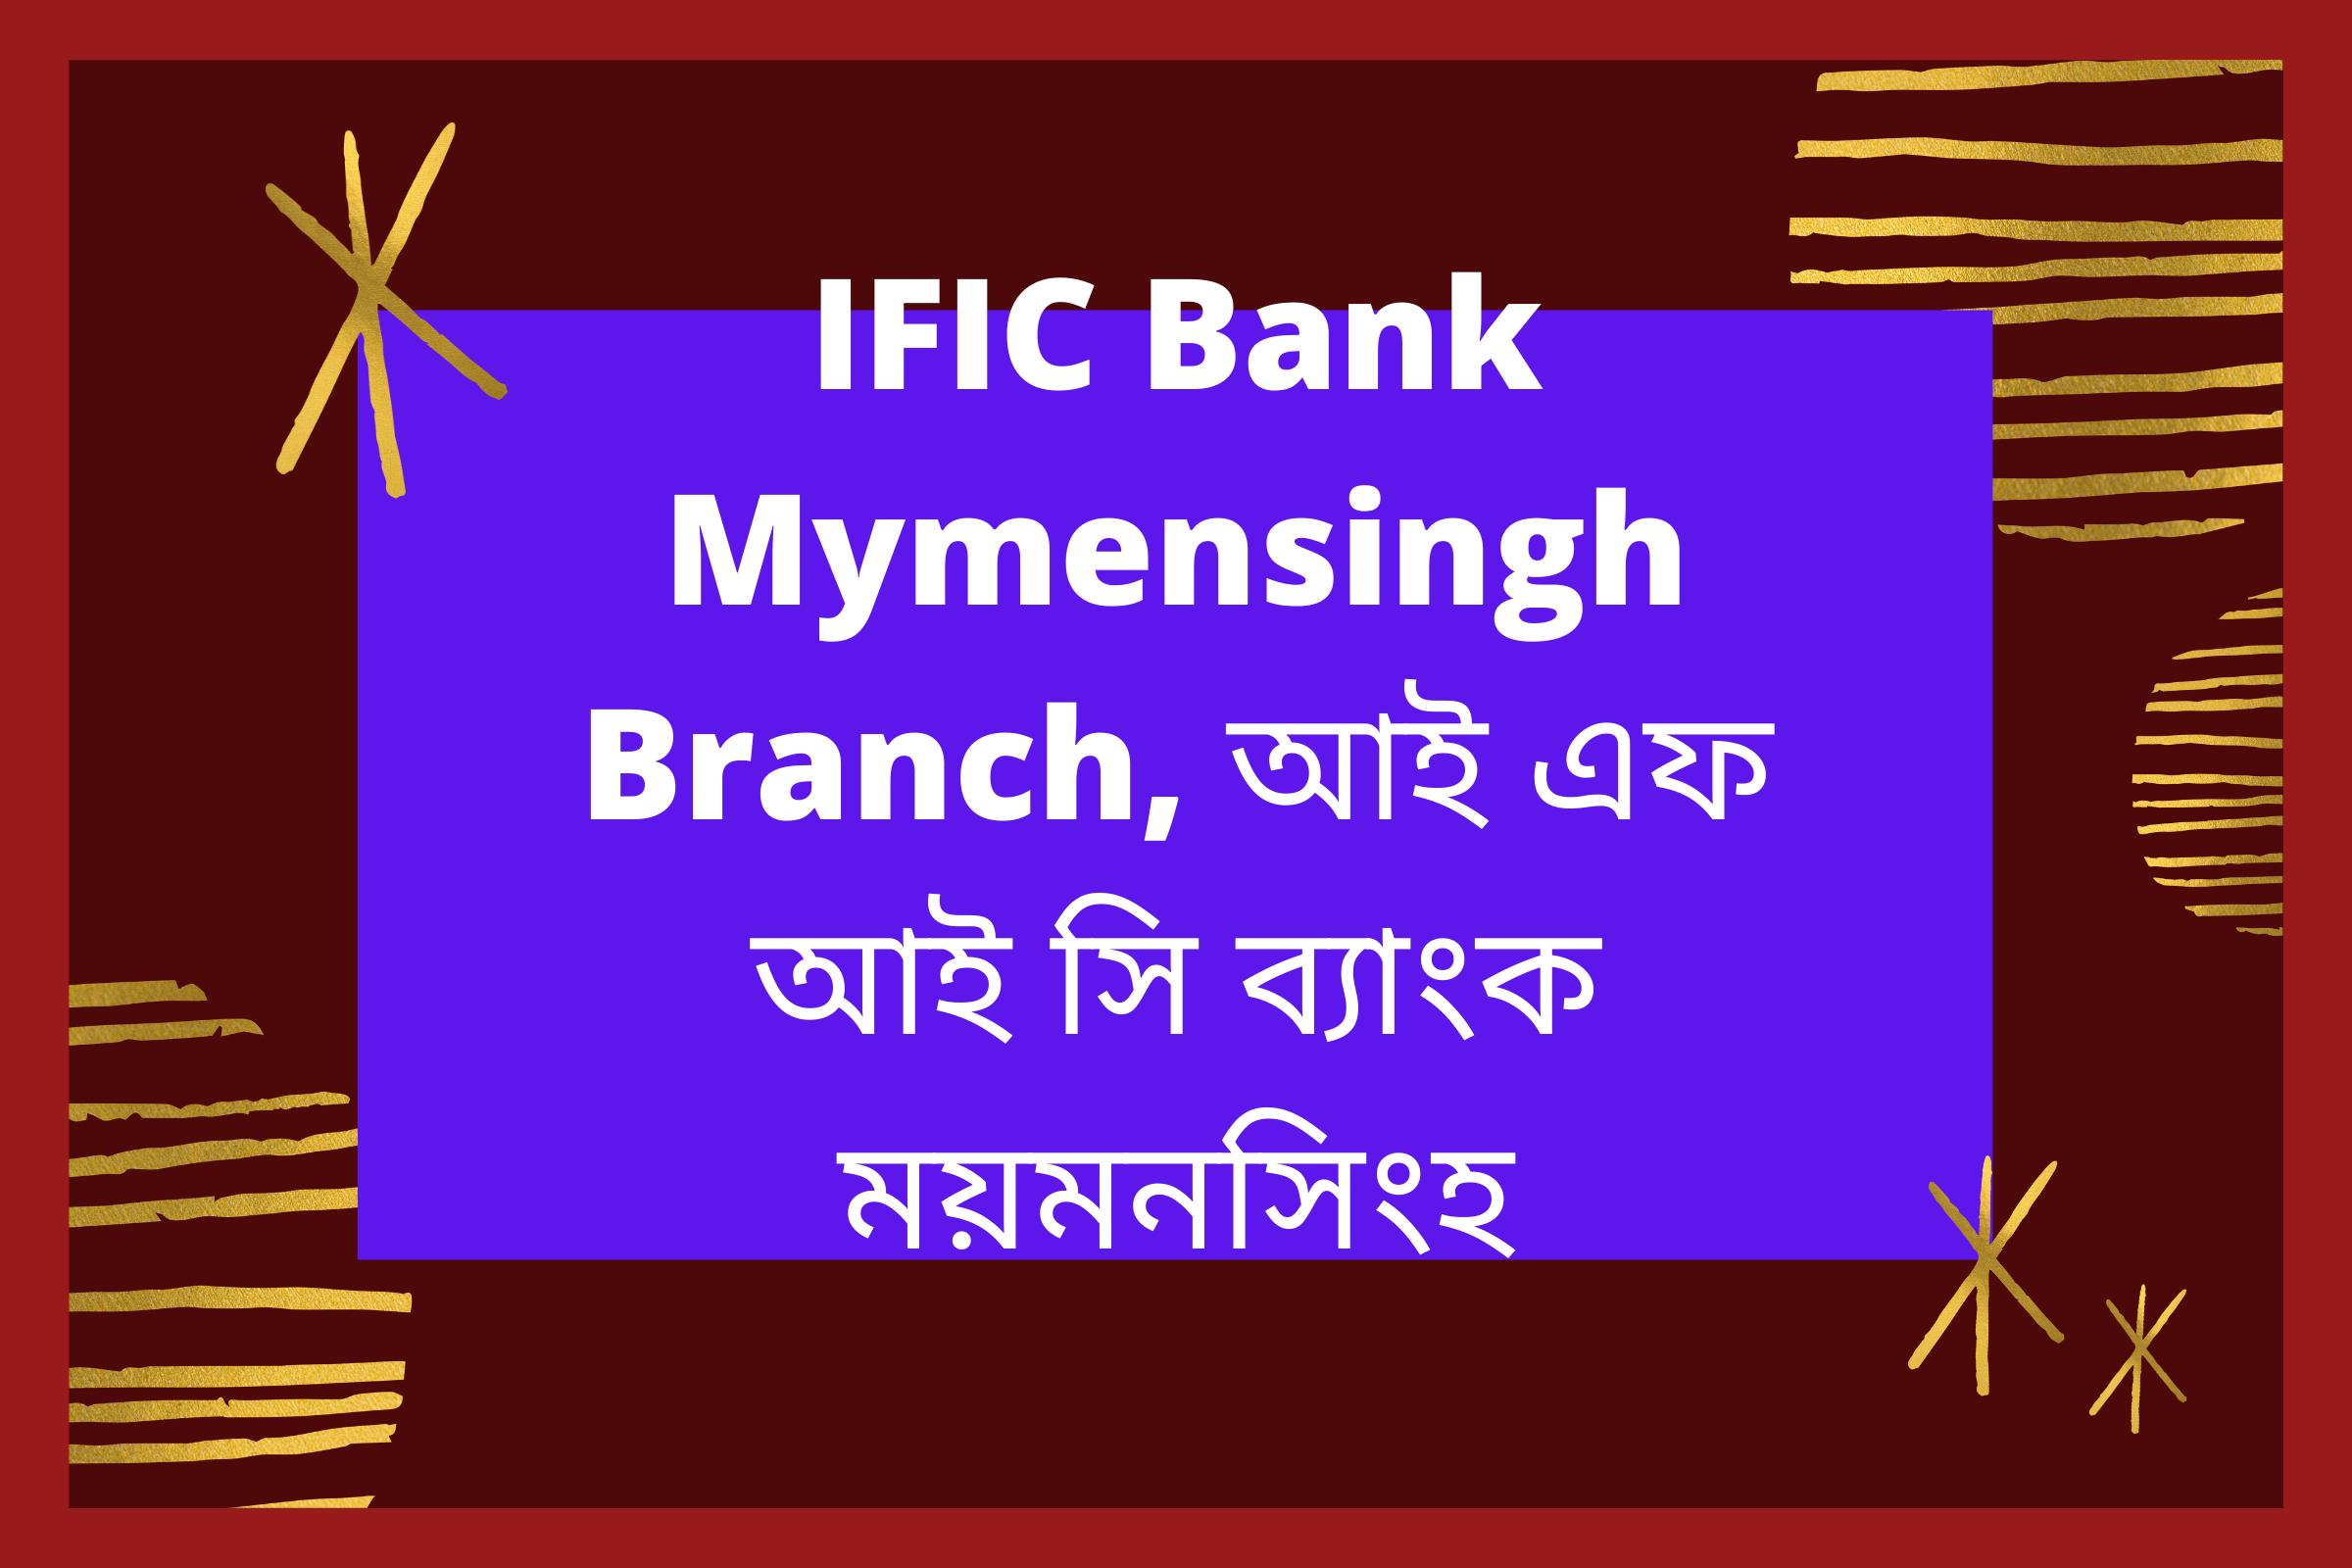 IFIC Bank Mymensingh Branch, আই এফ আই সি ব্যাংক ময়মনসিংহ